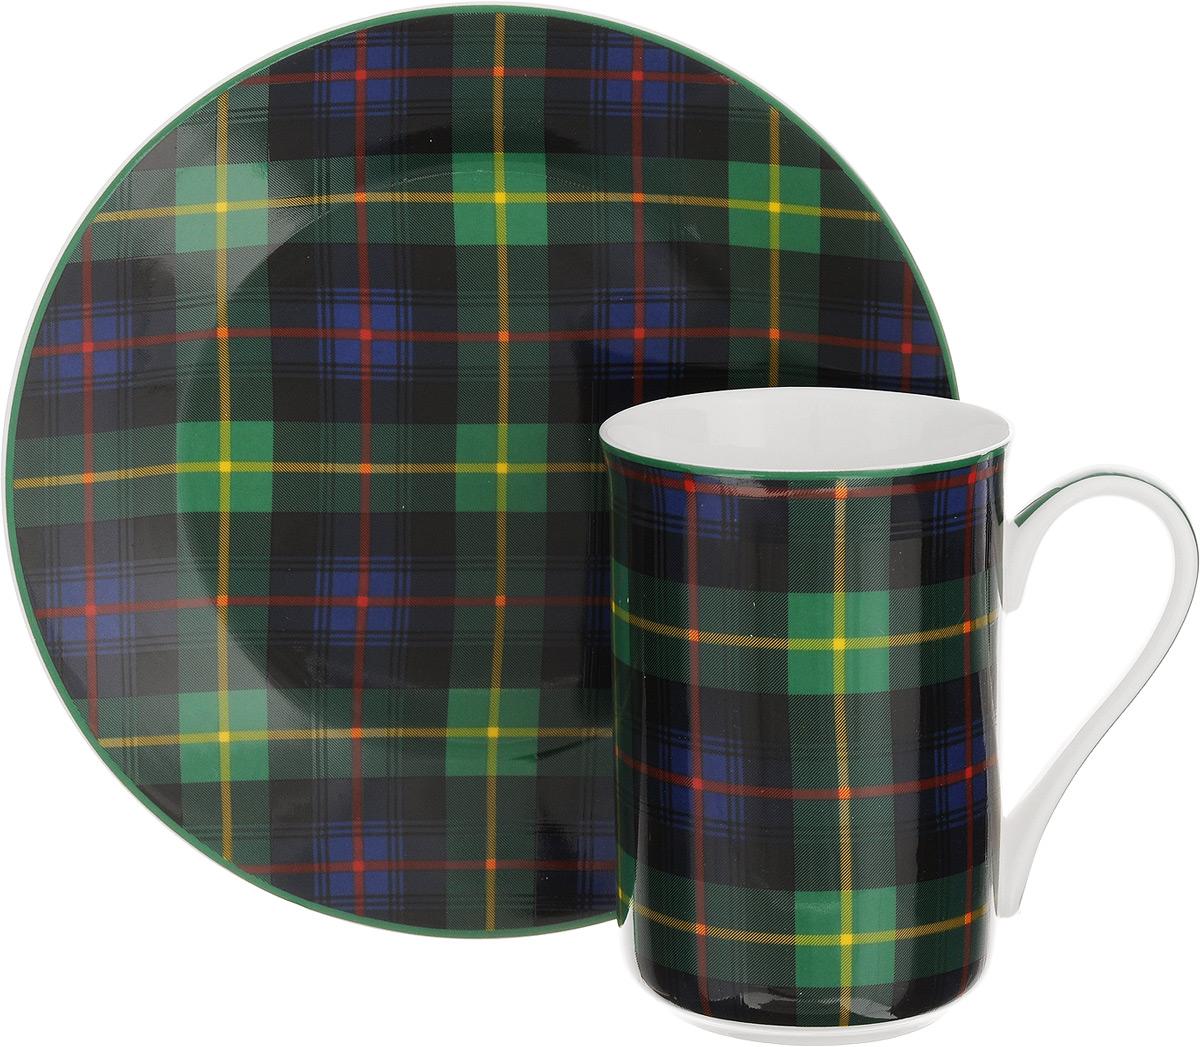 Набор для завтрака Patricia Стиль, 2 предмета. IM52-11000059900Набор для завтрака Patricia Стиль включает кружку и тарелку. Изделия выполнены из фарфора высокого качества и украшены декором в виде традиционной шотландской клетки. Набор идеально подойдет для сервировки завтрака для одной персоны. Такой набор не только порадует своей практичностью, но и станет приятным сувениром для ваших близких. А оригинальное оформление посуды добавит ярких эмоций.Набор упакован в подарочную коробку, задрапированную белой атласной тканью. Не рекомендуется мыть в посудомоечной машине и использовать в микроволновой печи. Объем кружки: 370 мл. Диаметр кружки (по верхнему краю): 7,5 см. Высота кружки: 11 см. Диаметр тарелки: 19 см.